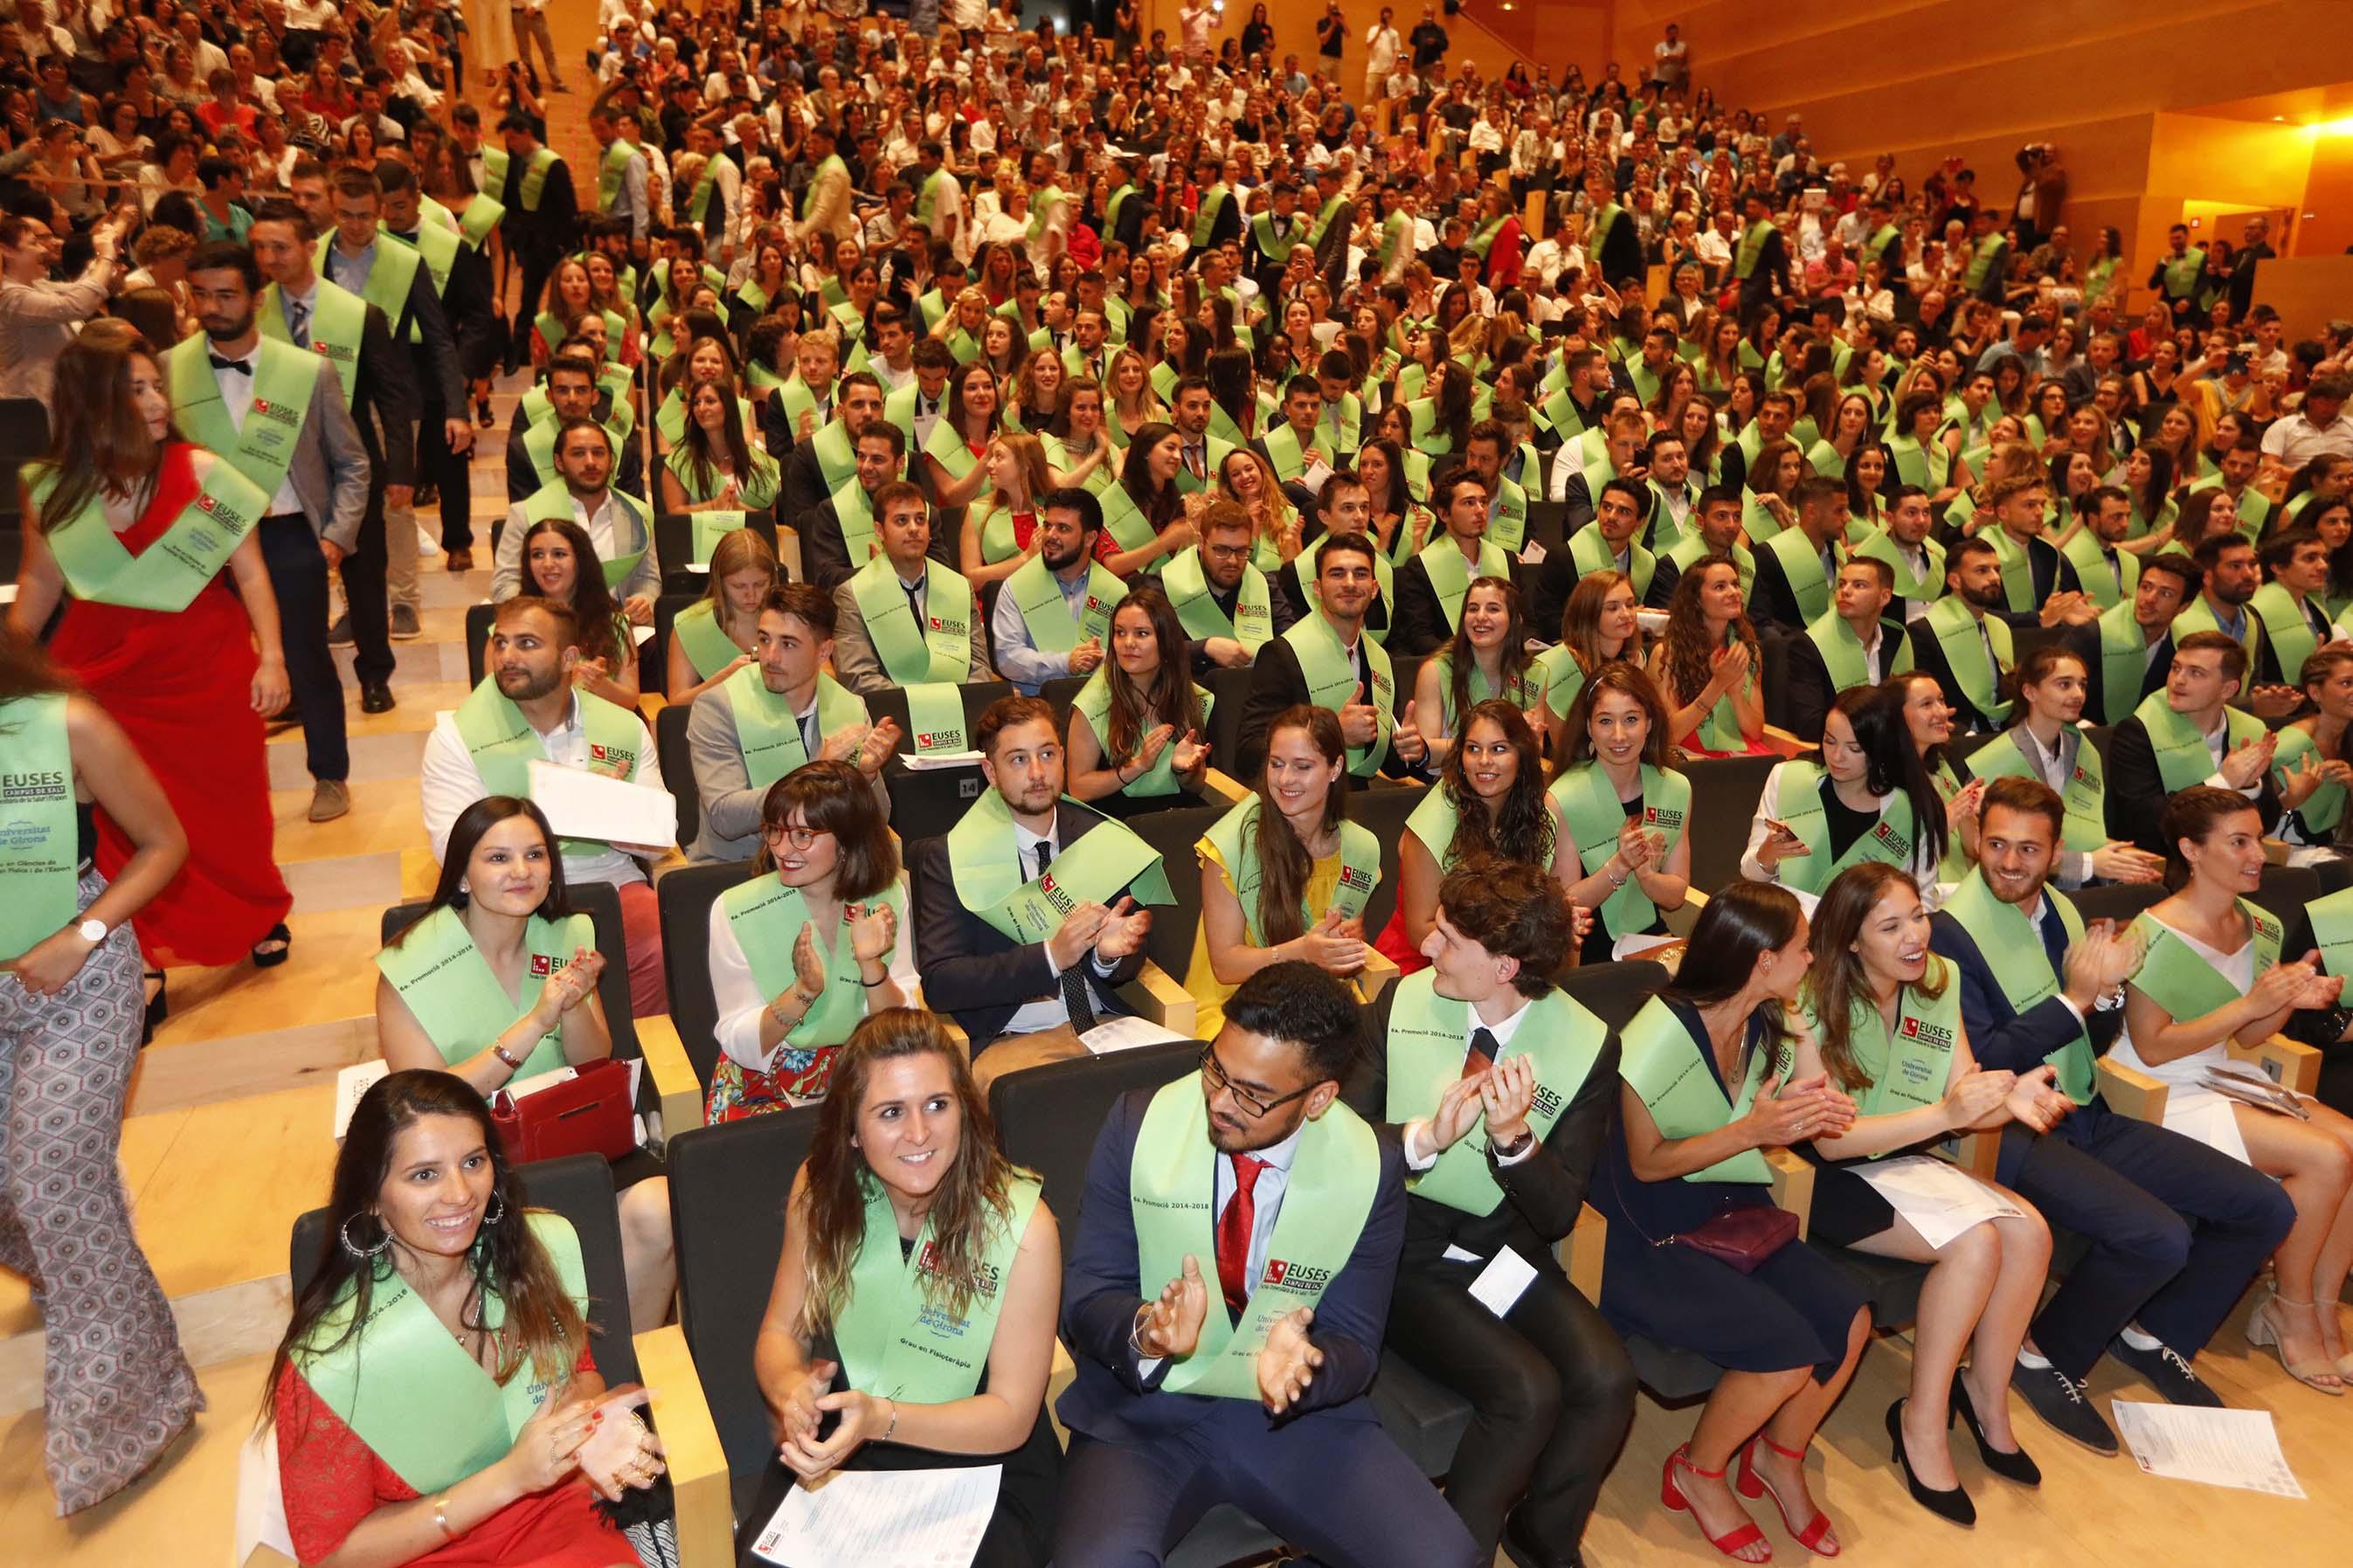 L'acte de graduació de la 6a promoció dels Graus en Fisioteràpia i en Ciències de l'Activitat Física i l'Esport d'EUSES omple l'Auditori de Girona